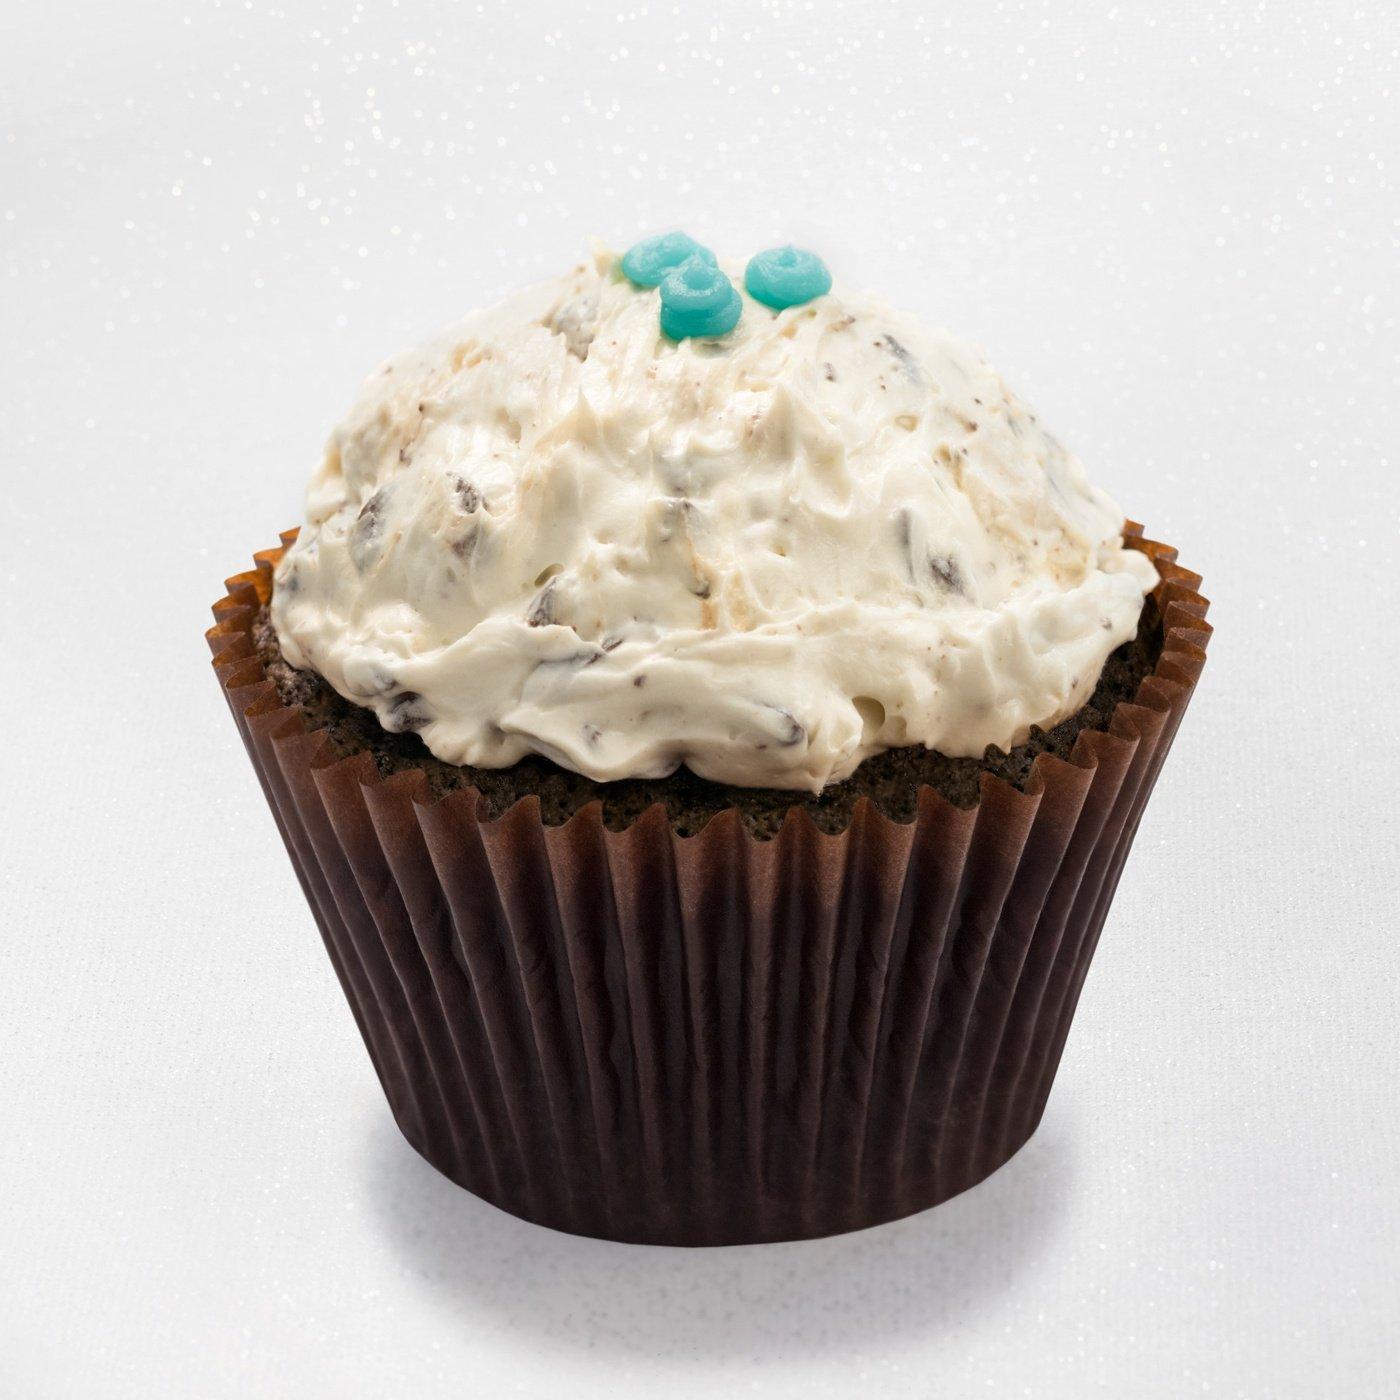 Chocolate mascarpone - cupcake with mascarpone mousse